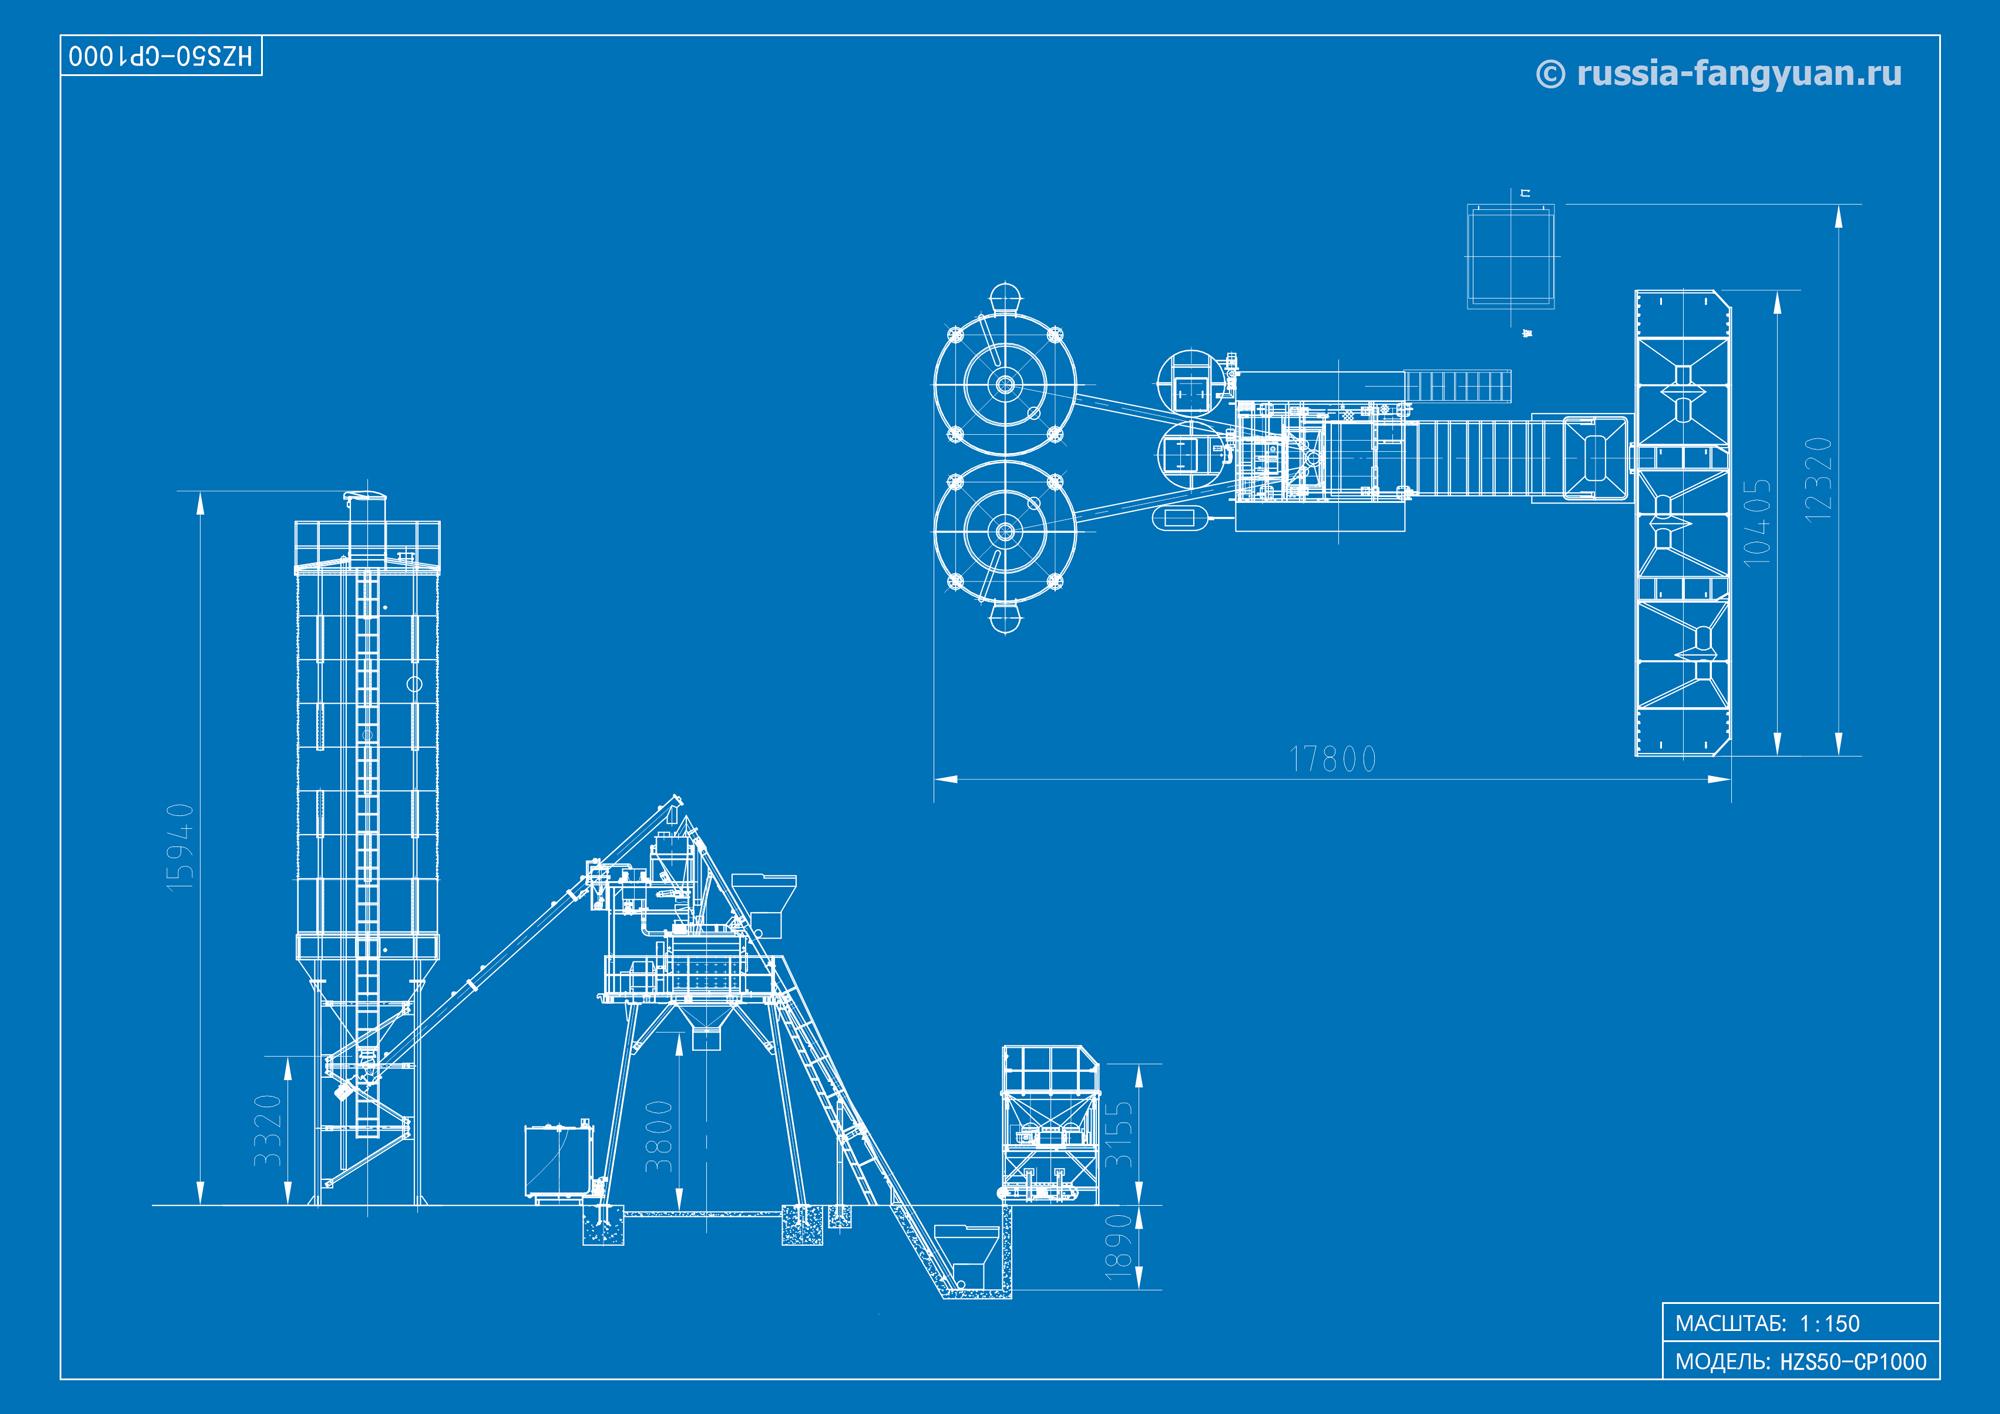 Схема БСУ HZS50-CP1000